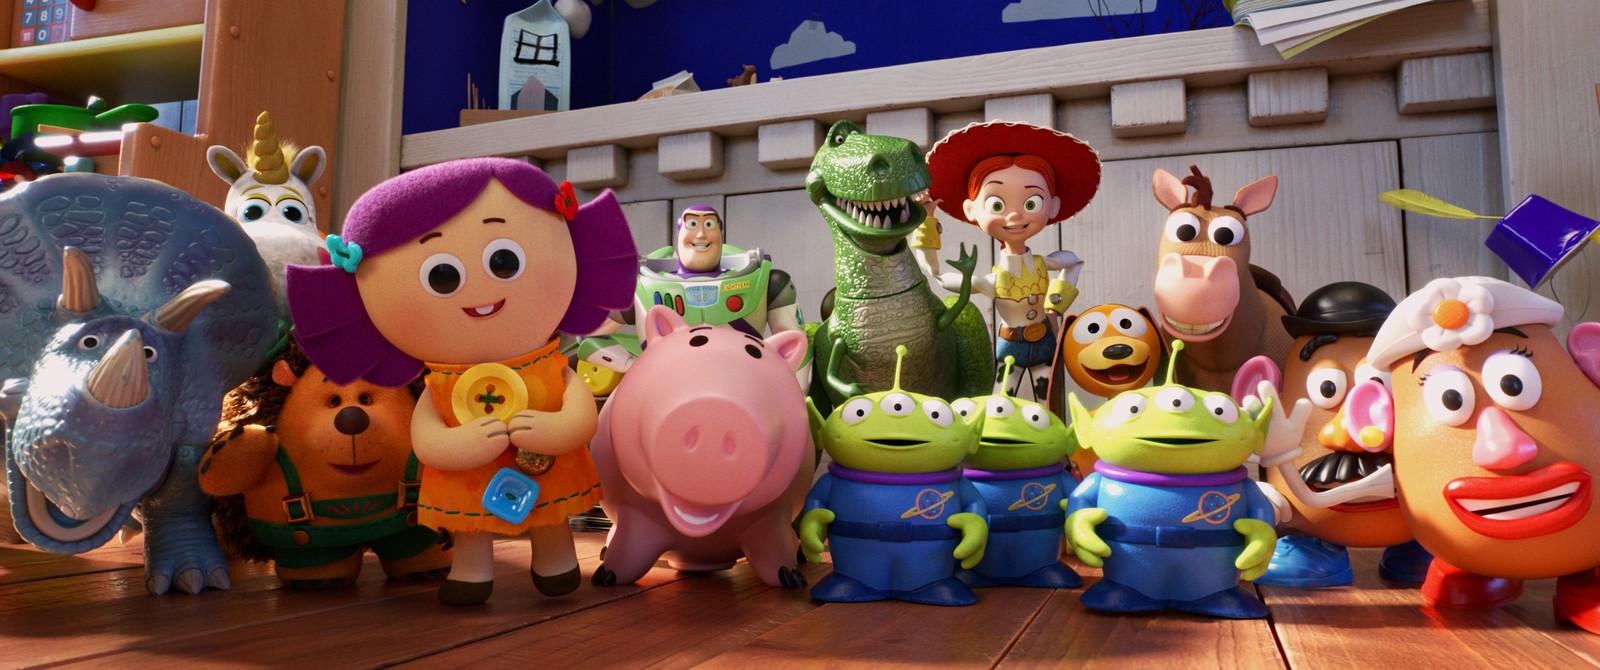 Van links naar rechts: Trixie, Buttercup, Mr. Pricklepants, Dolly, Buzz Lightyear, Hamm, Rex, de aliens, Jessie, Slinky Dog, Bullseye en Mr. en Mrs. Potato Head.